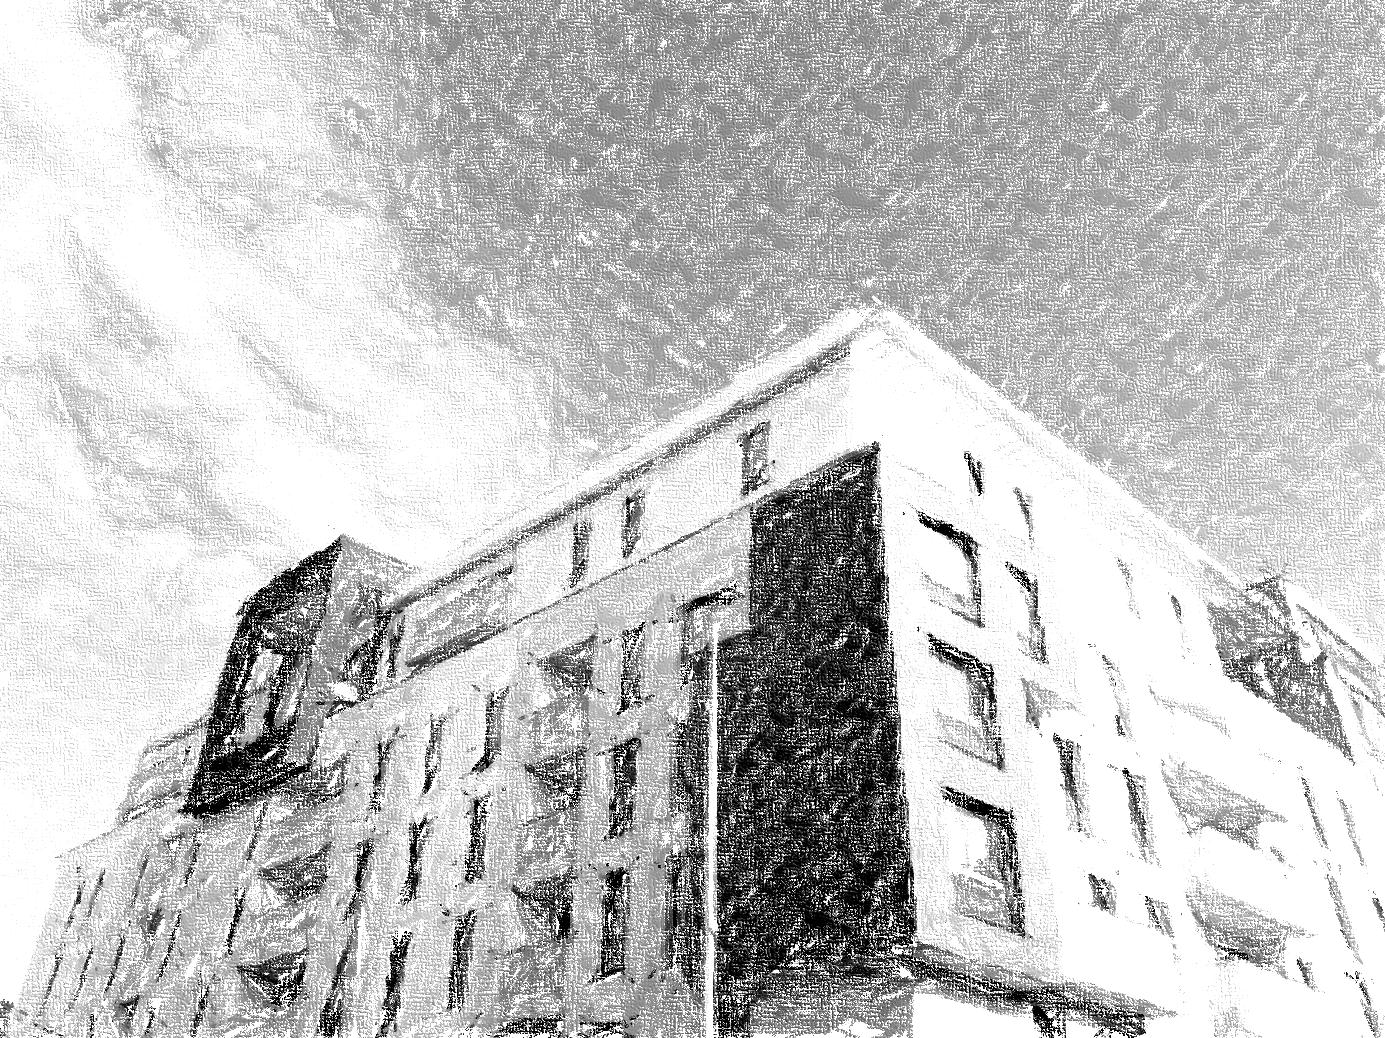 mh2o ingénierie du batiment management de projets, immobilier résidentiels, immobilier de bureaux, maitrise d'œuvre d'exécution, ordonnancement, pilotage, coordination, maîtrise d'ouvrage, conception exécution, Coex, maître d'œuvre de conception moec, conducteur de travaux opc, maître d'œuvre d'exécution